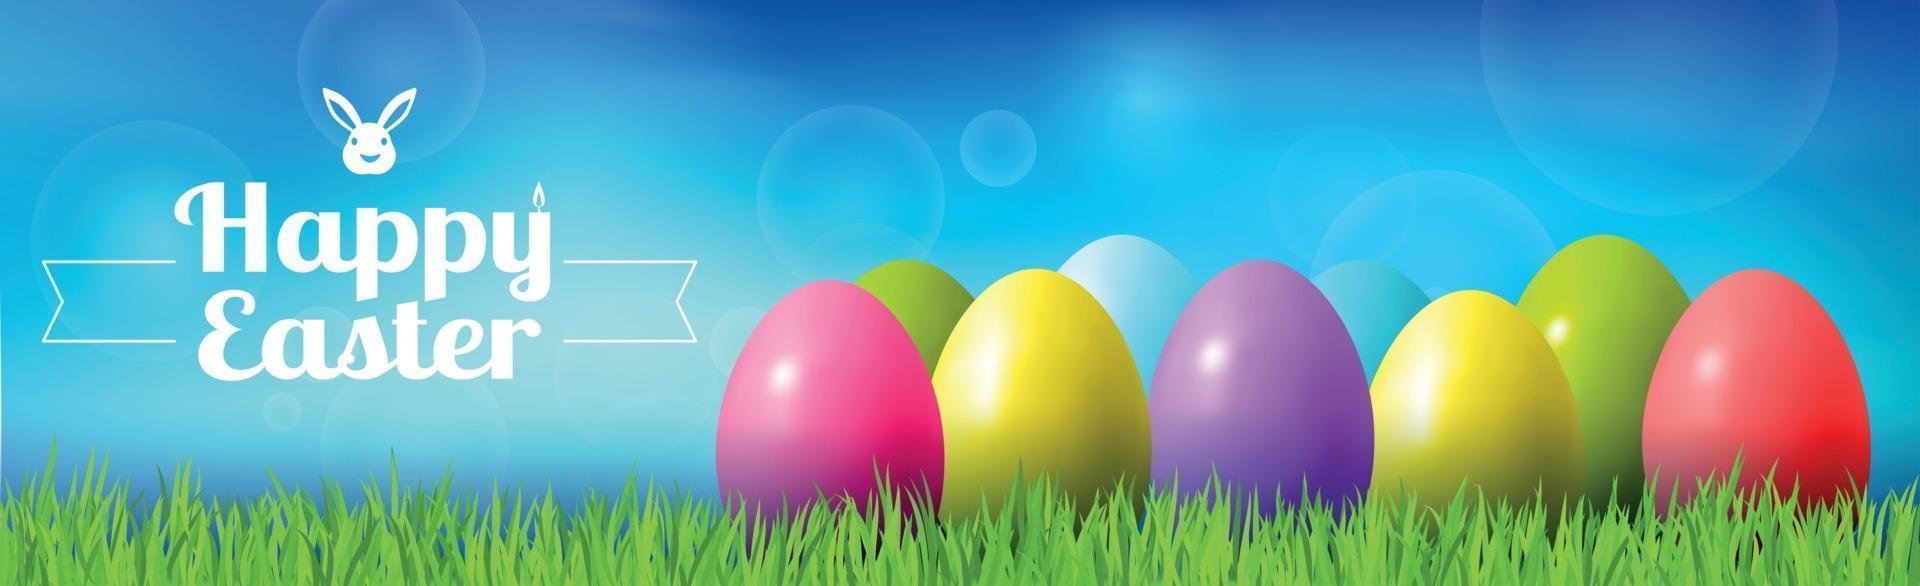 abstracte Pasen bokeh achtergrond met kleurrijke eieren liggend op het gras tegen de achtergrond van de hemel, gefeliciteerd met Pasen - illustratie vector